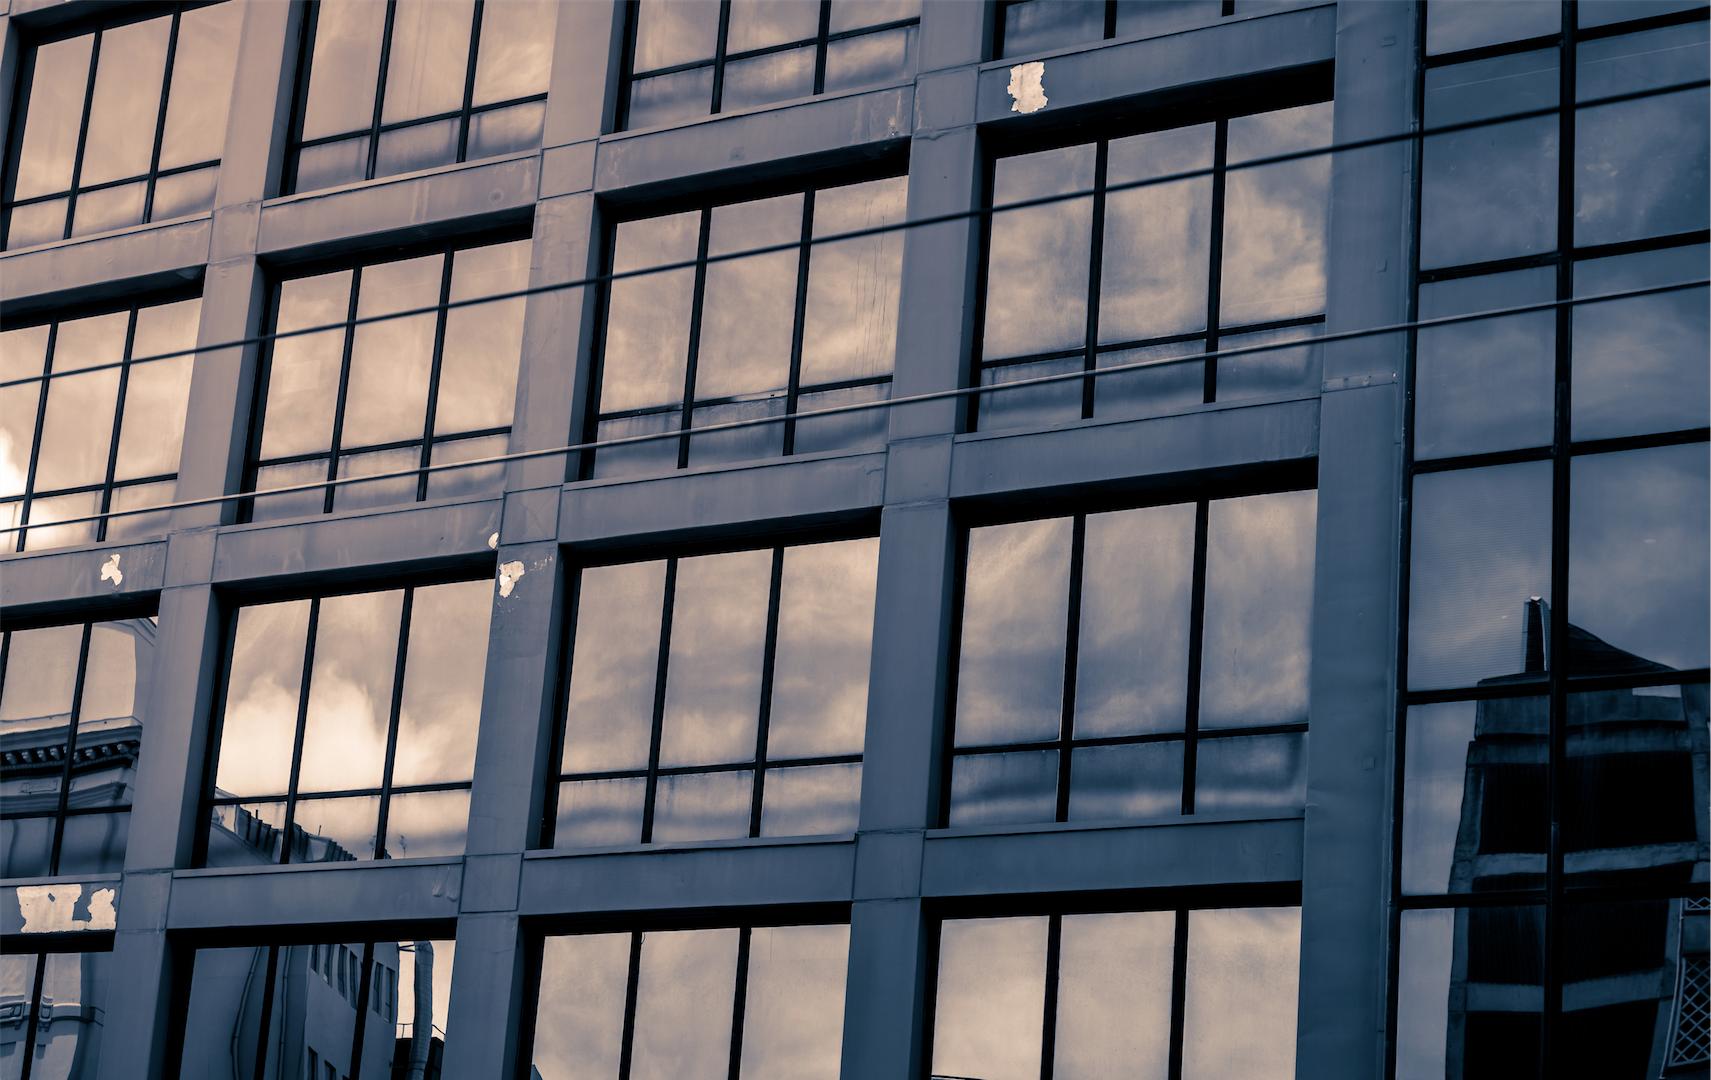 Guía de buenas prácticas energéticas en oficinas